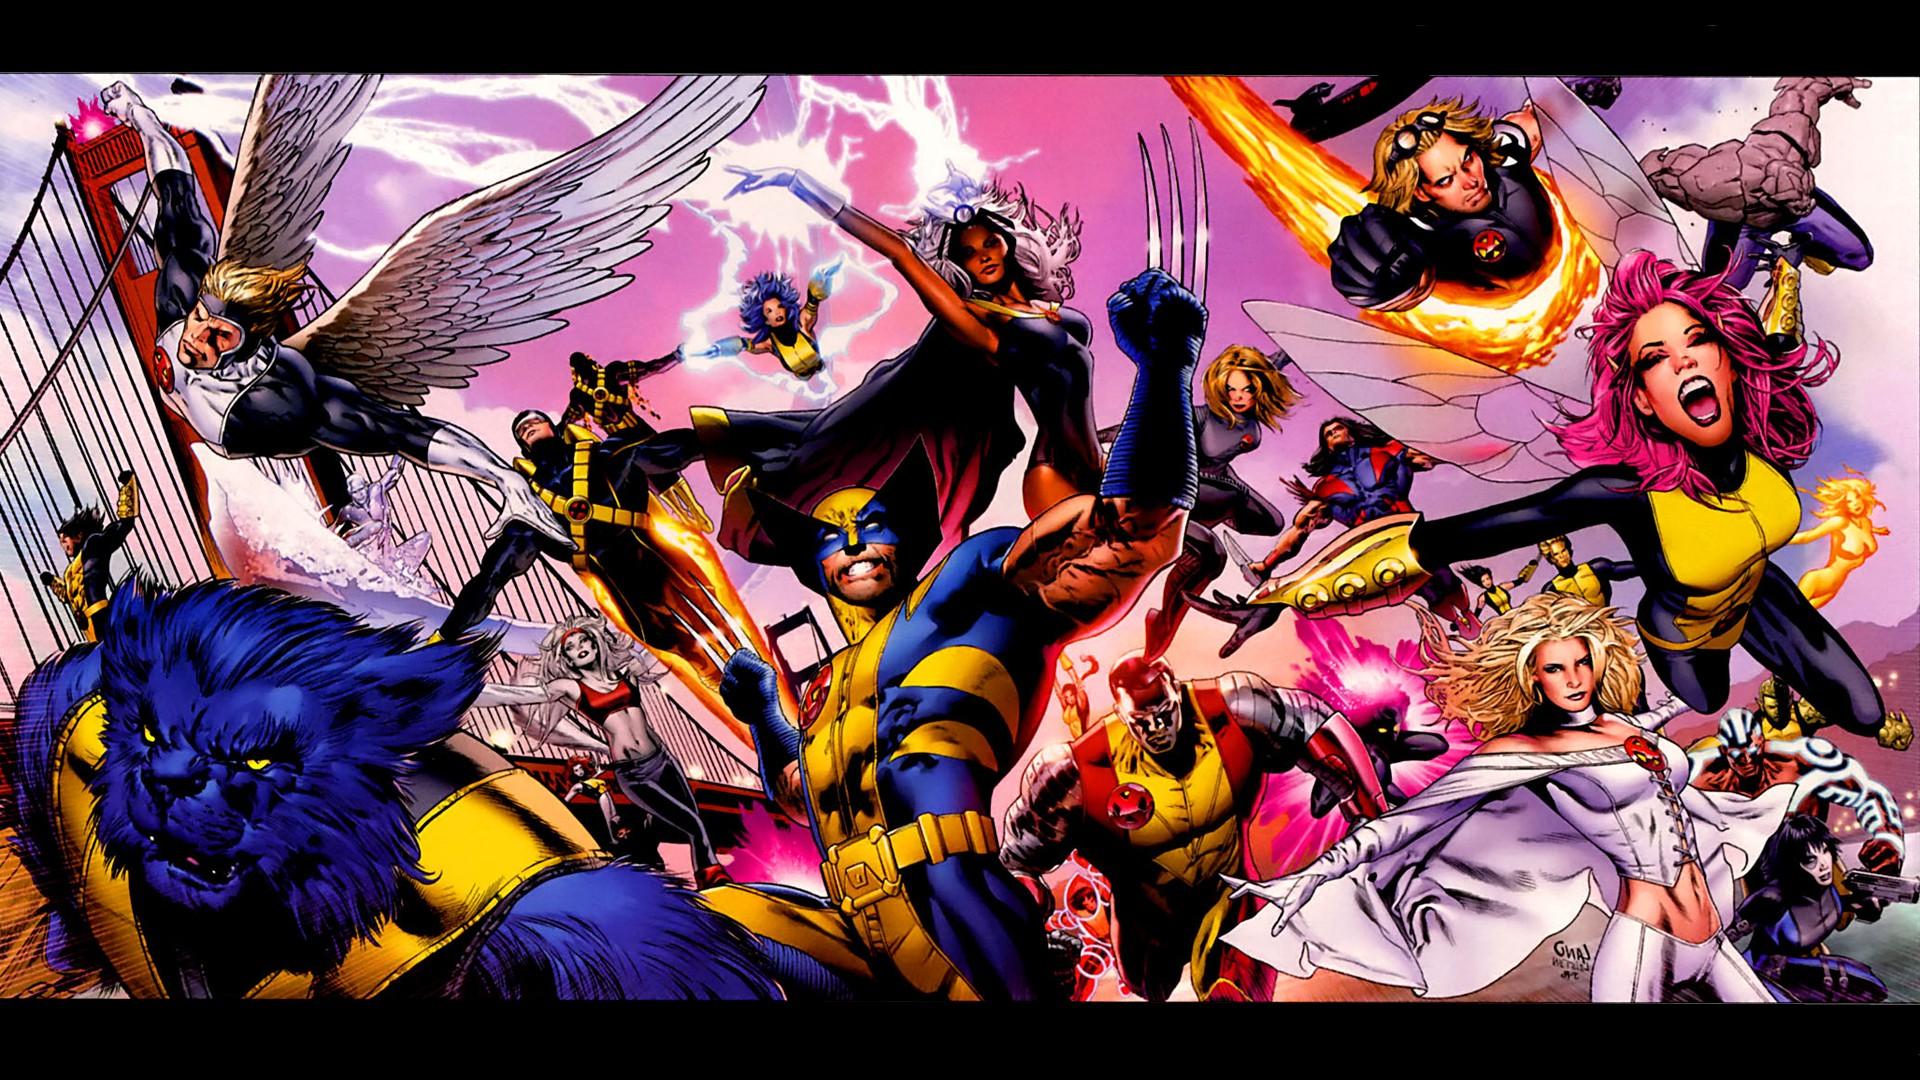 Wallpaper 1920x1080 Px Comics X Men 1920x1080 Goodfon